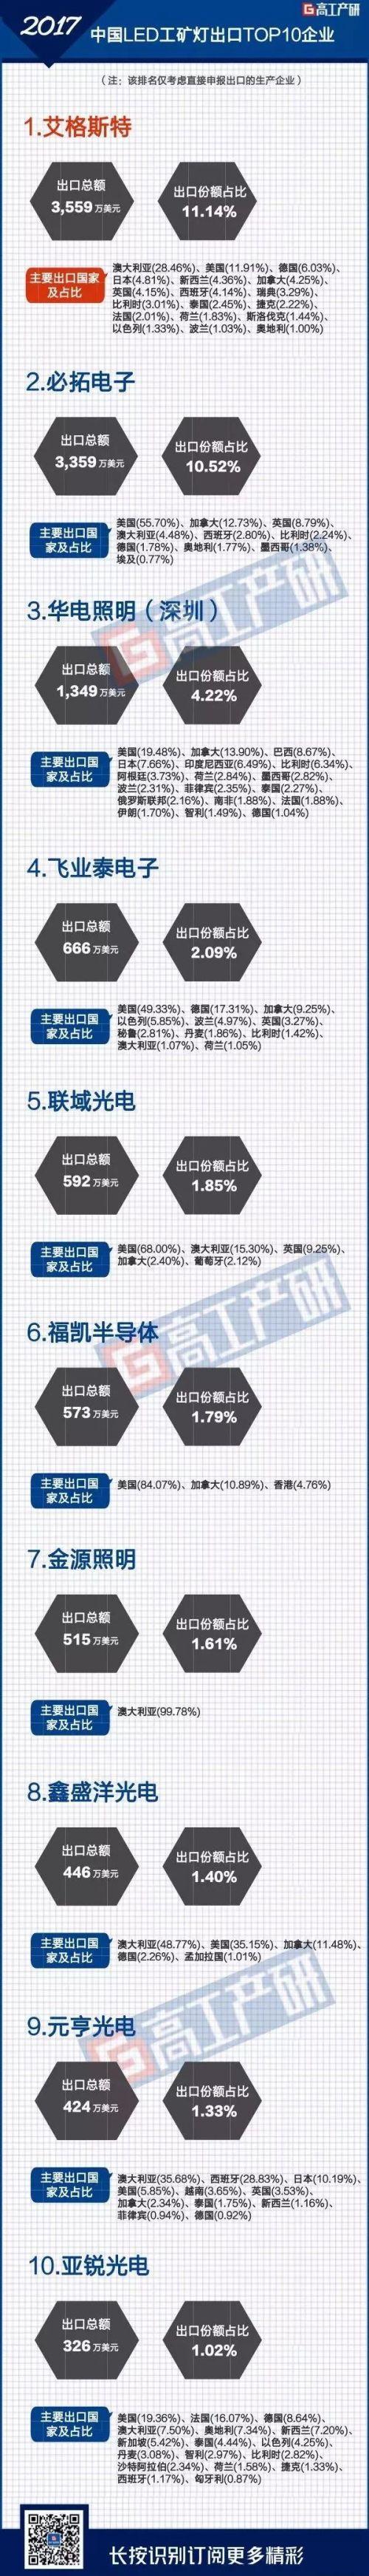 GGII:2017年中国LED工矿灯出口十大企业1